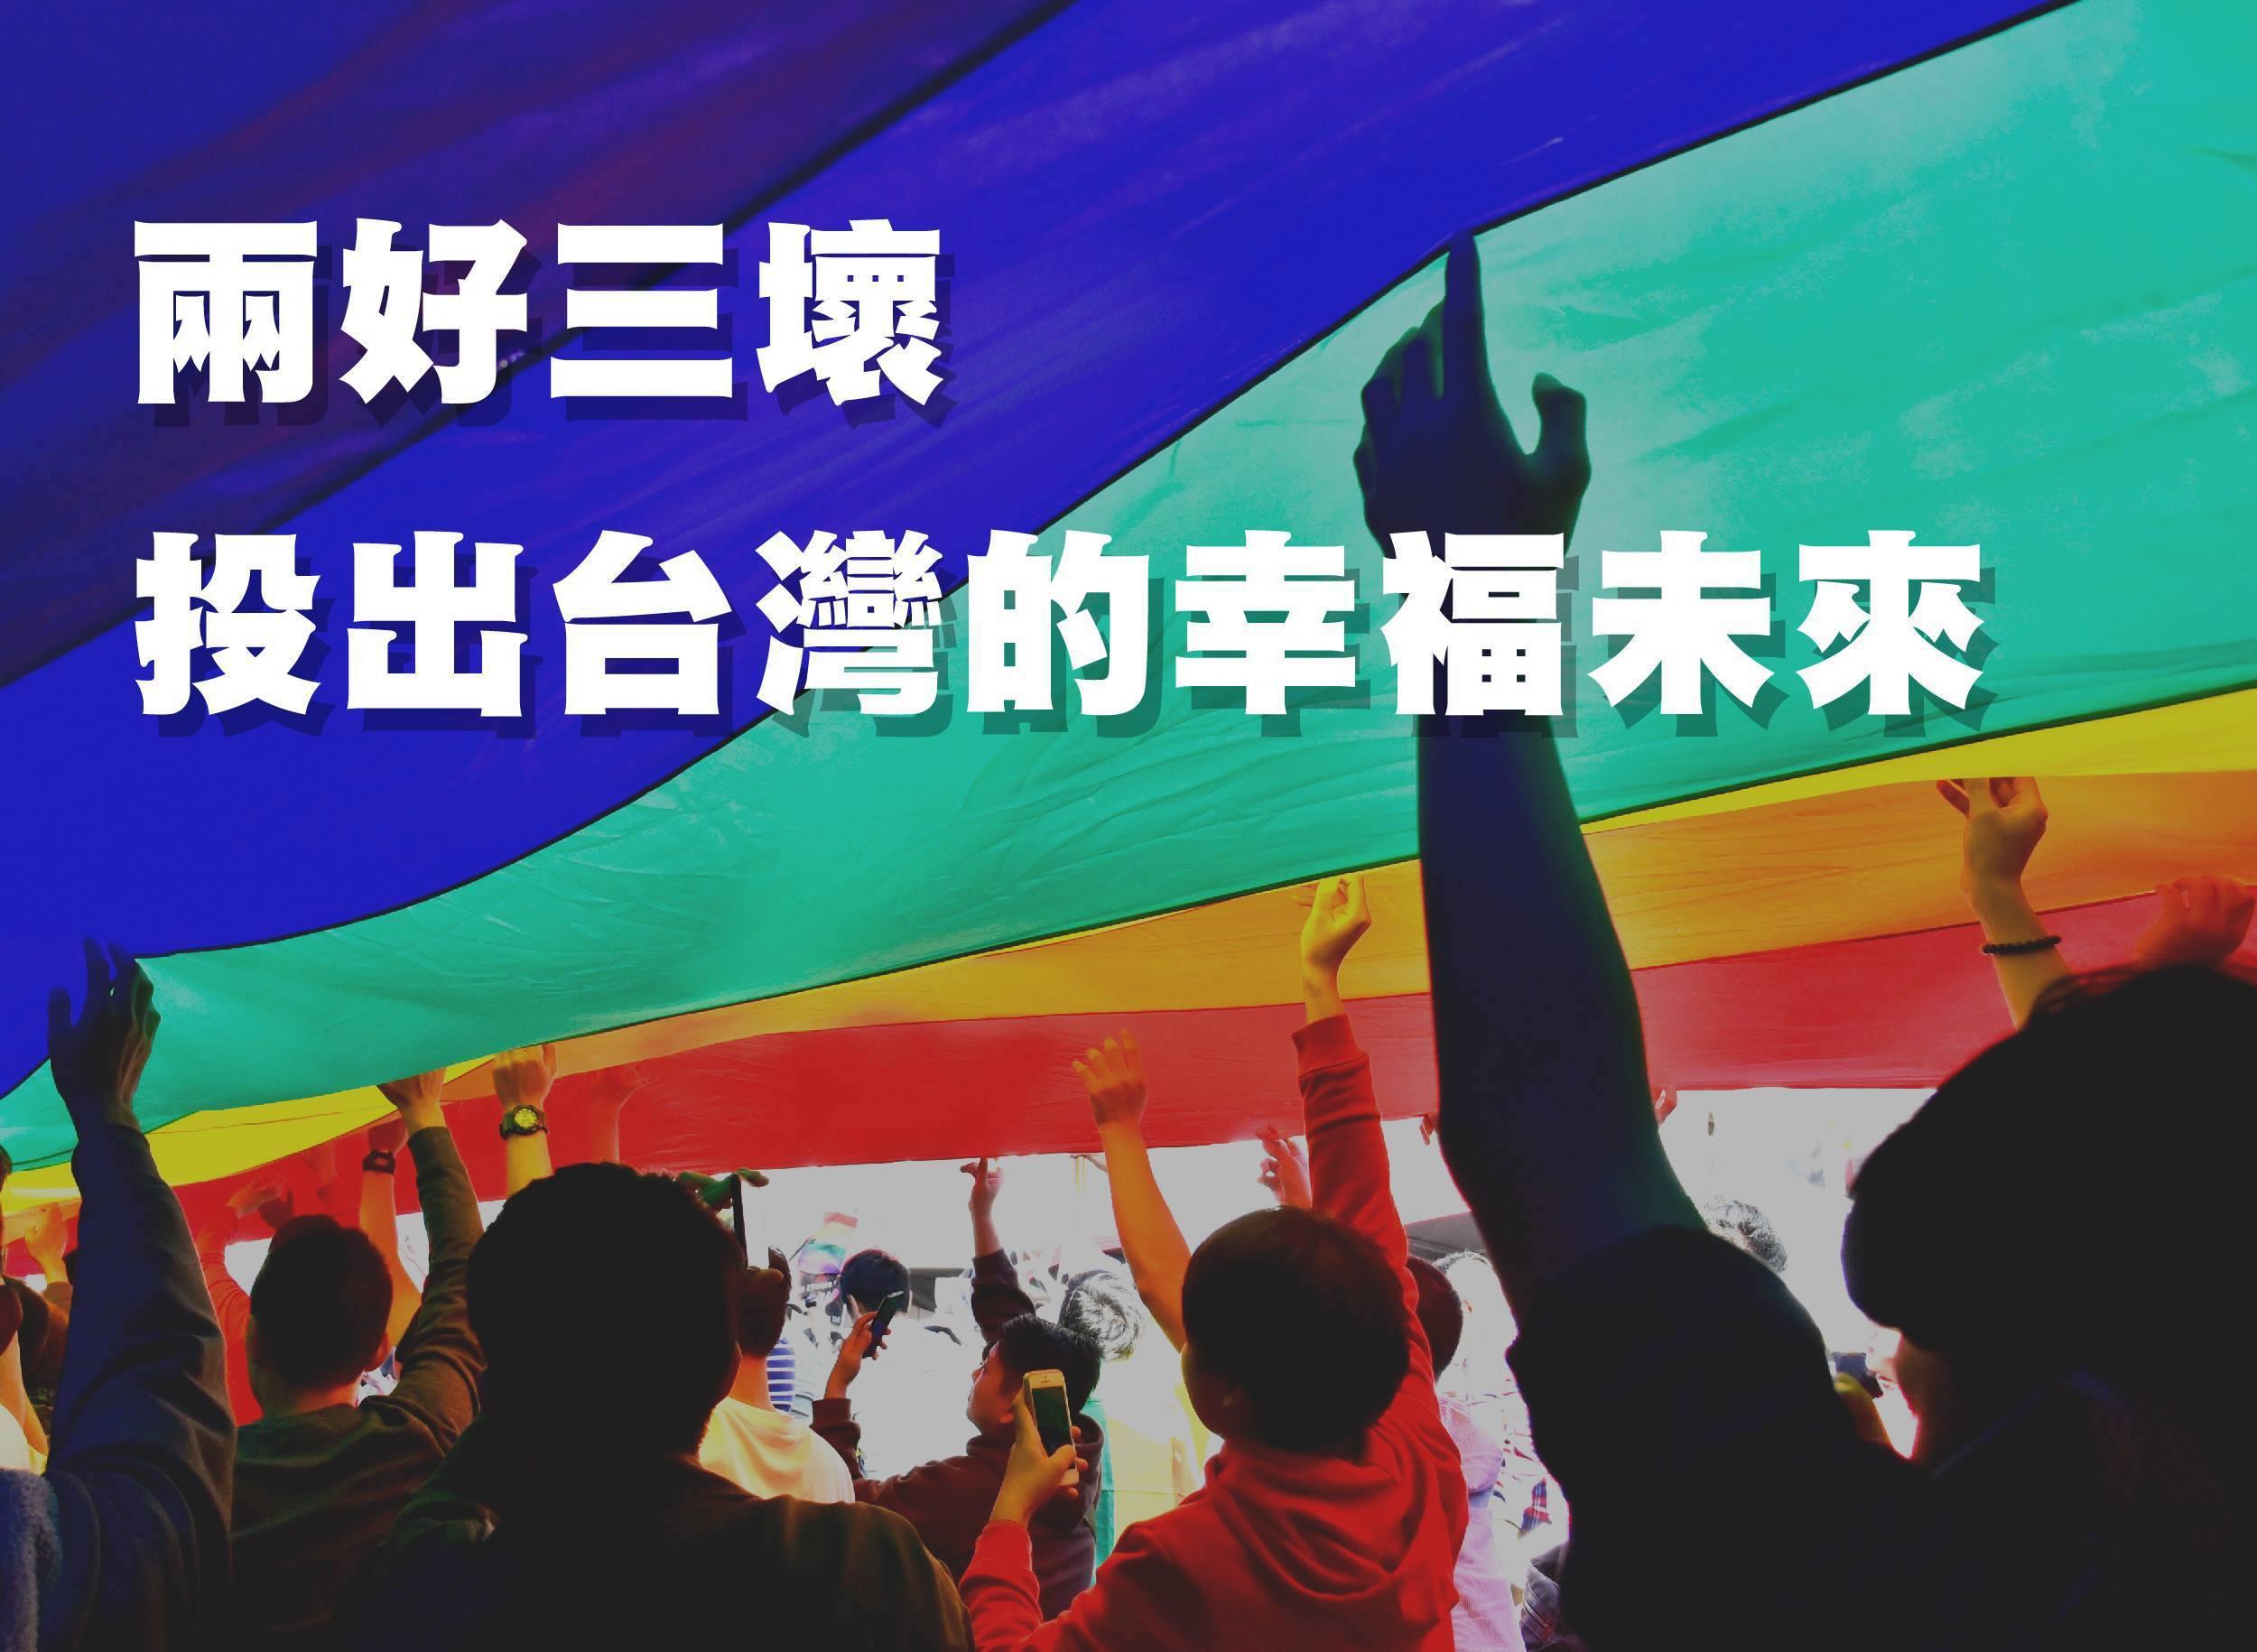 1124返家投票,兩好三壞,投出台灣幸福未來 《聯合聲明》